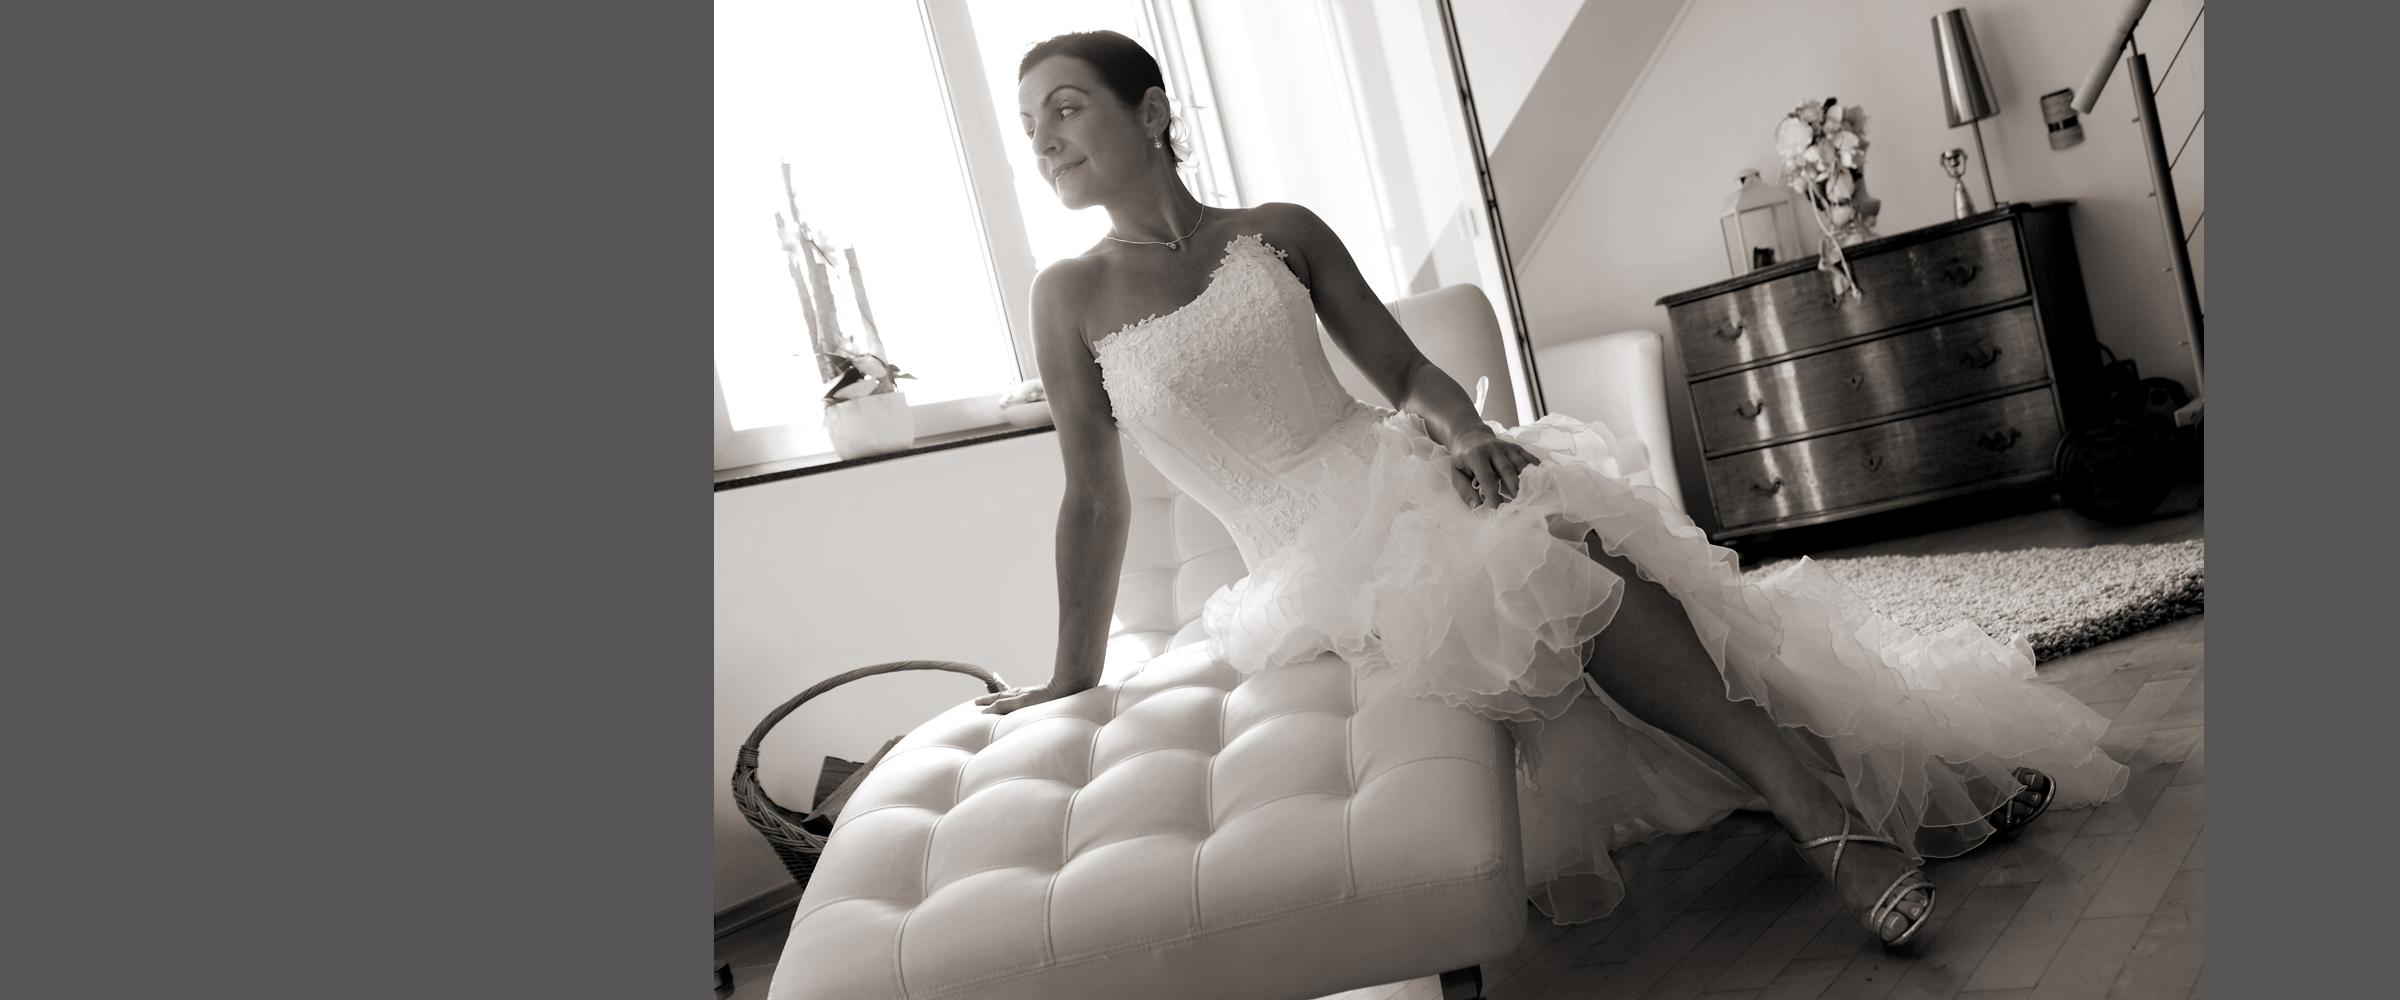 Schwarz-weißes Hochzeitsportrait einer Frau im weißen Brautkleid, die seitlich auf einer Liege sitzend, posiert.